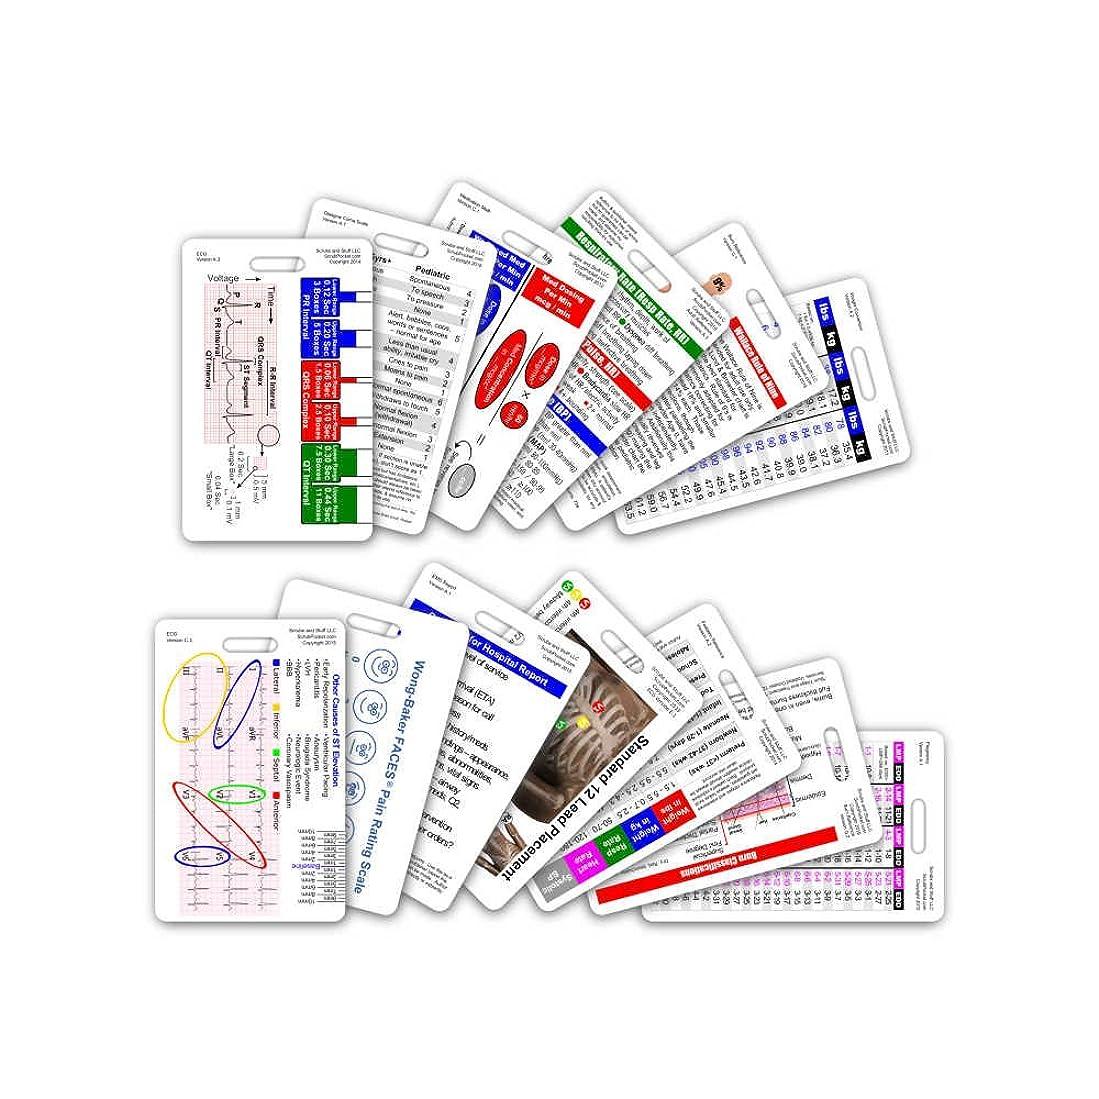 限界幹ピューComplete EMS Vertical Badge Card Set - 12 Cards by Scrubs and Stuff LLC